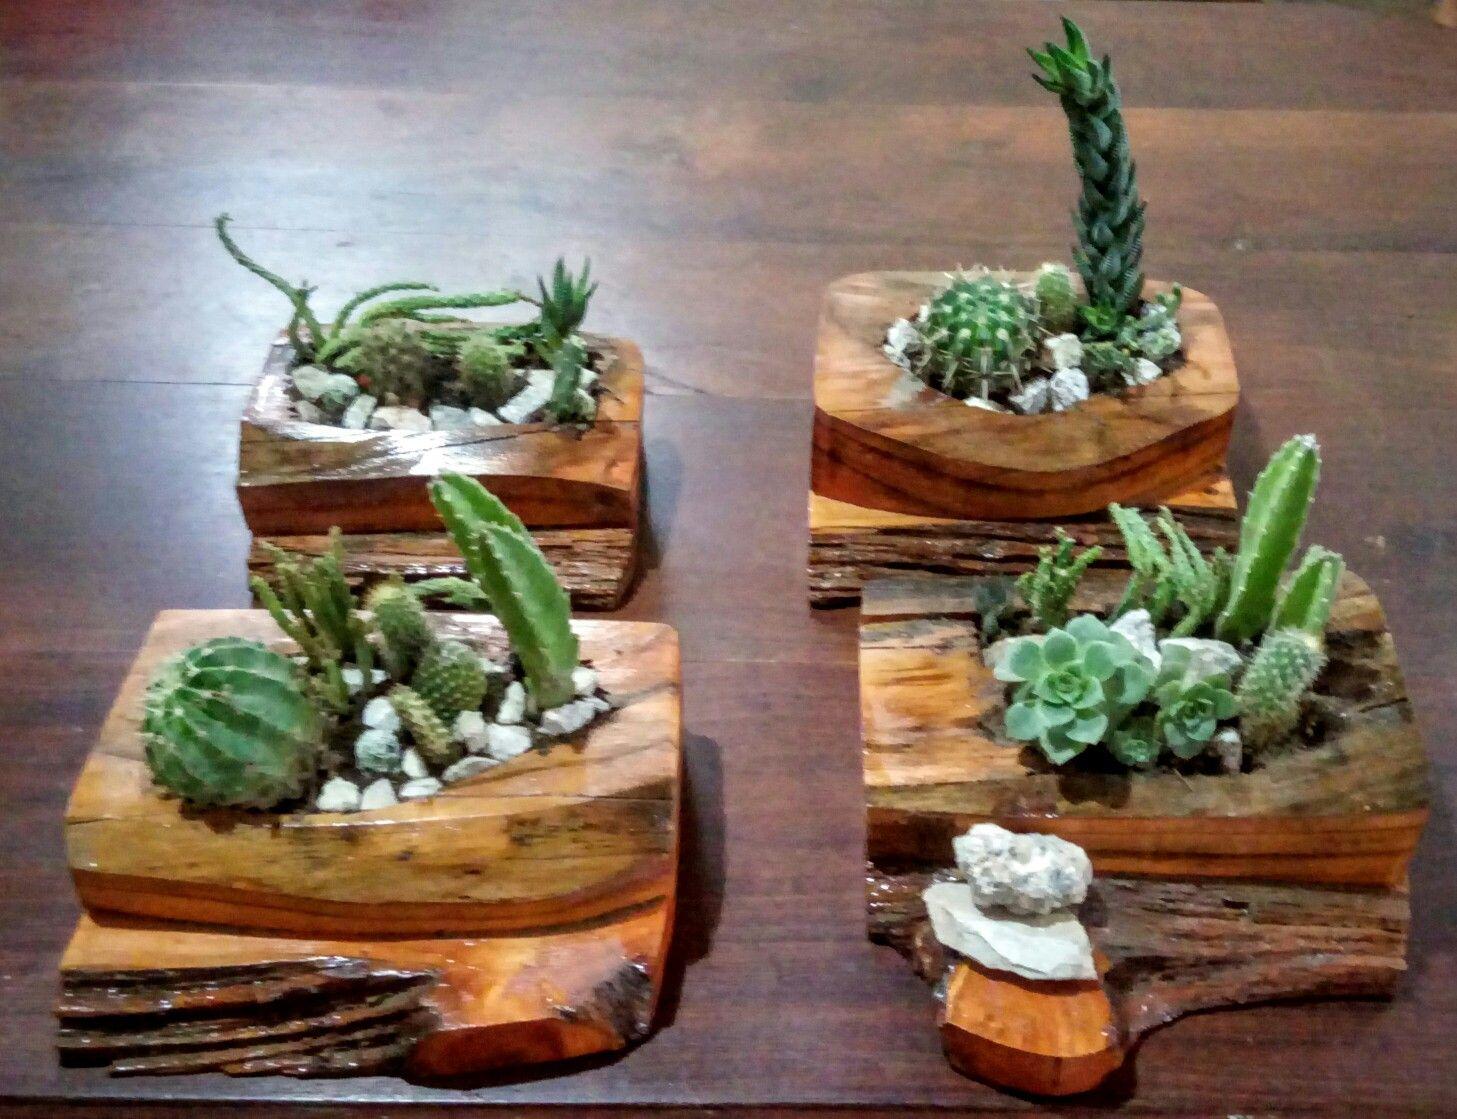 Maceteros de troncos para cactus y suculentas trabajos - Maceteros de madera ...